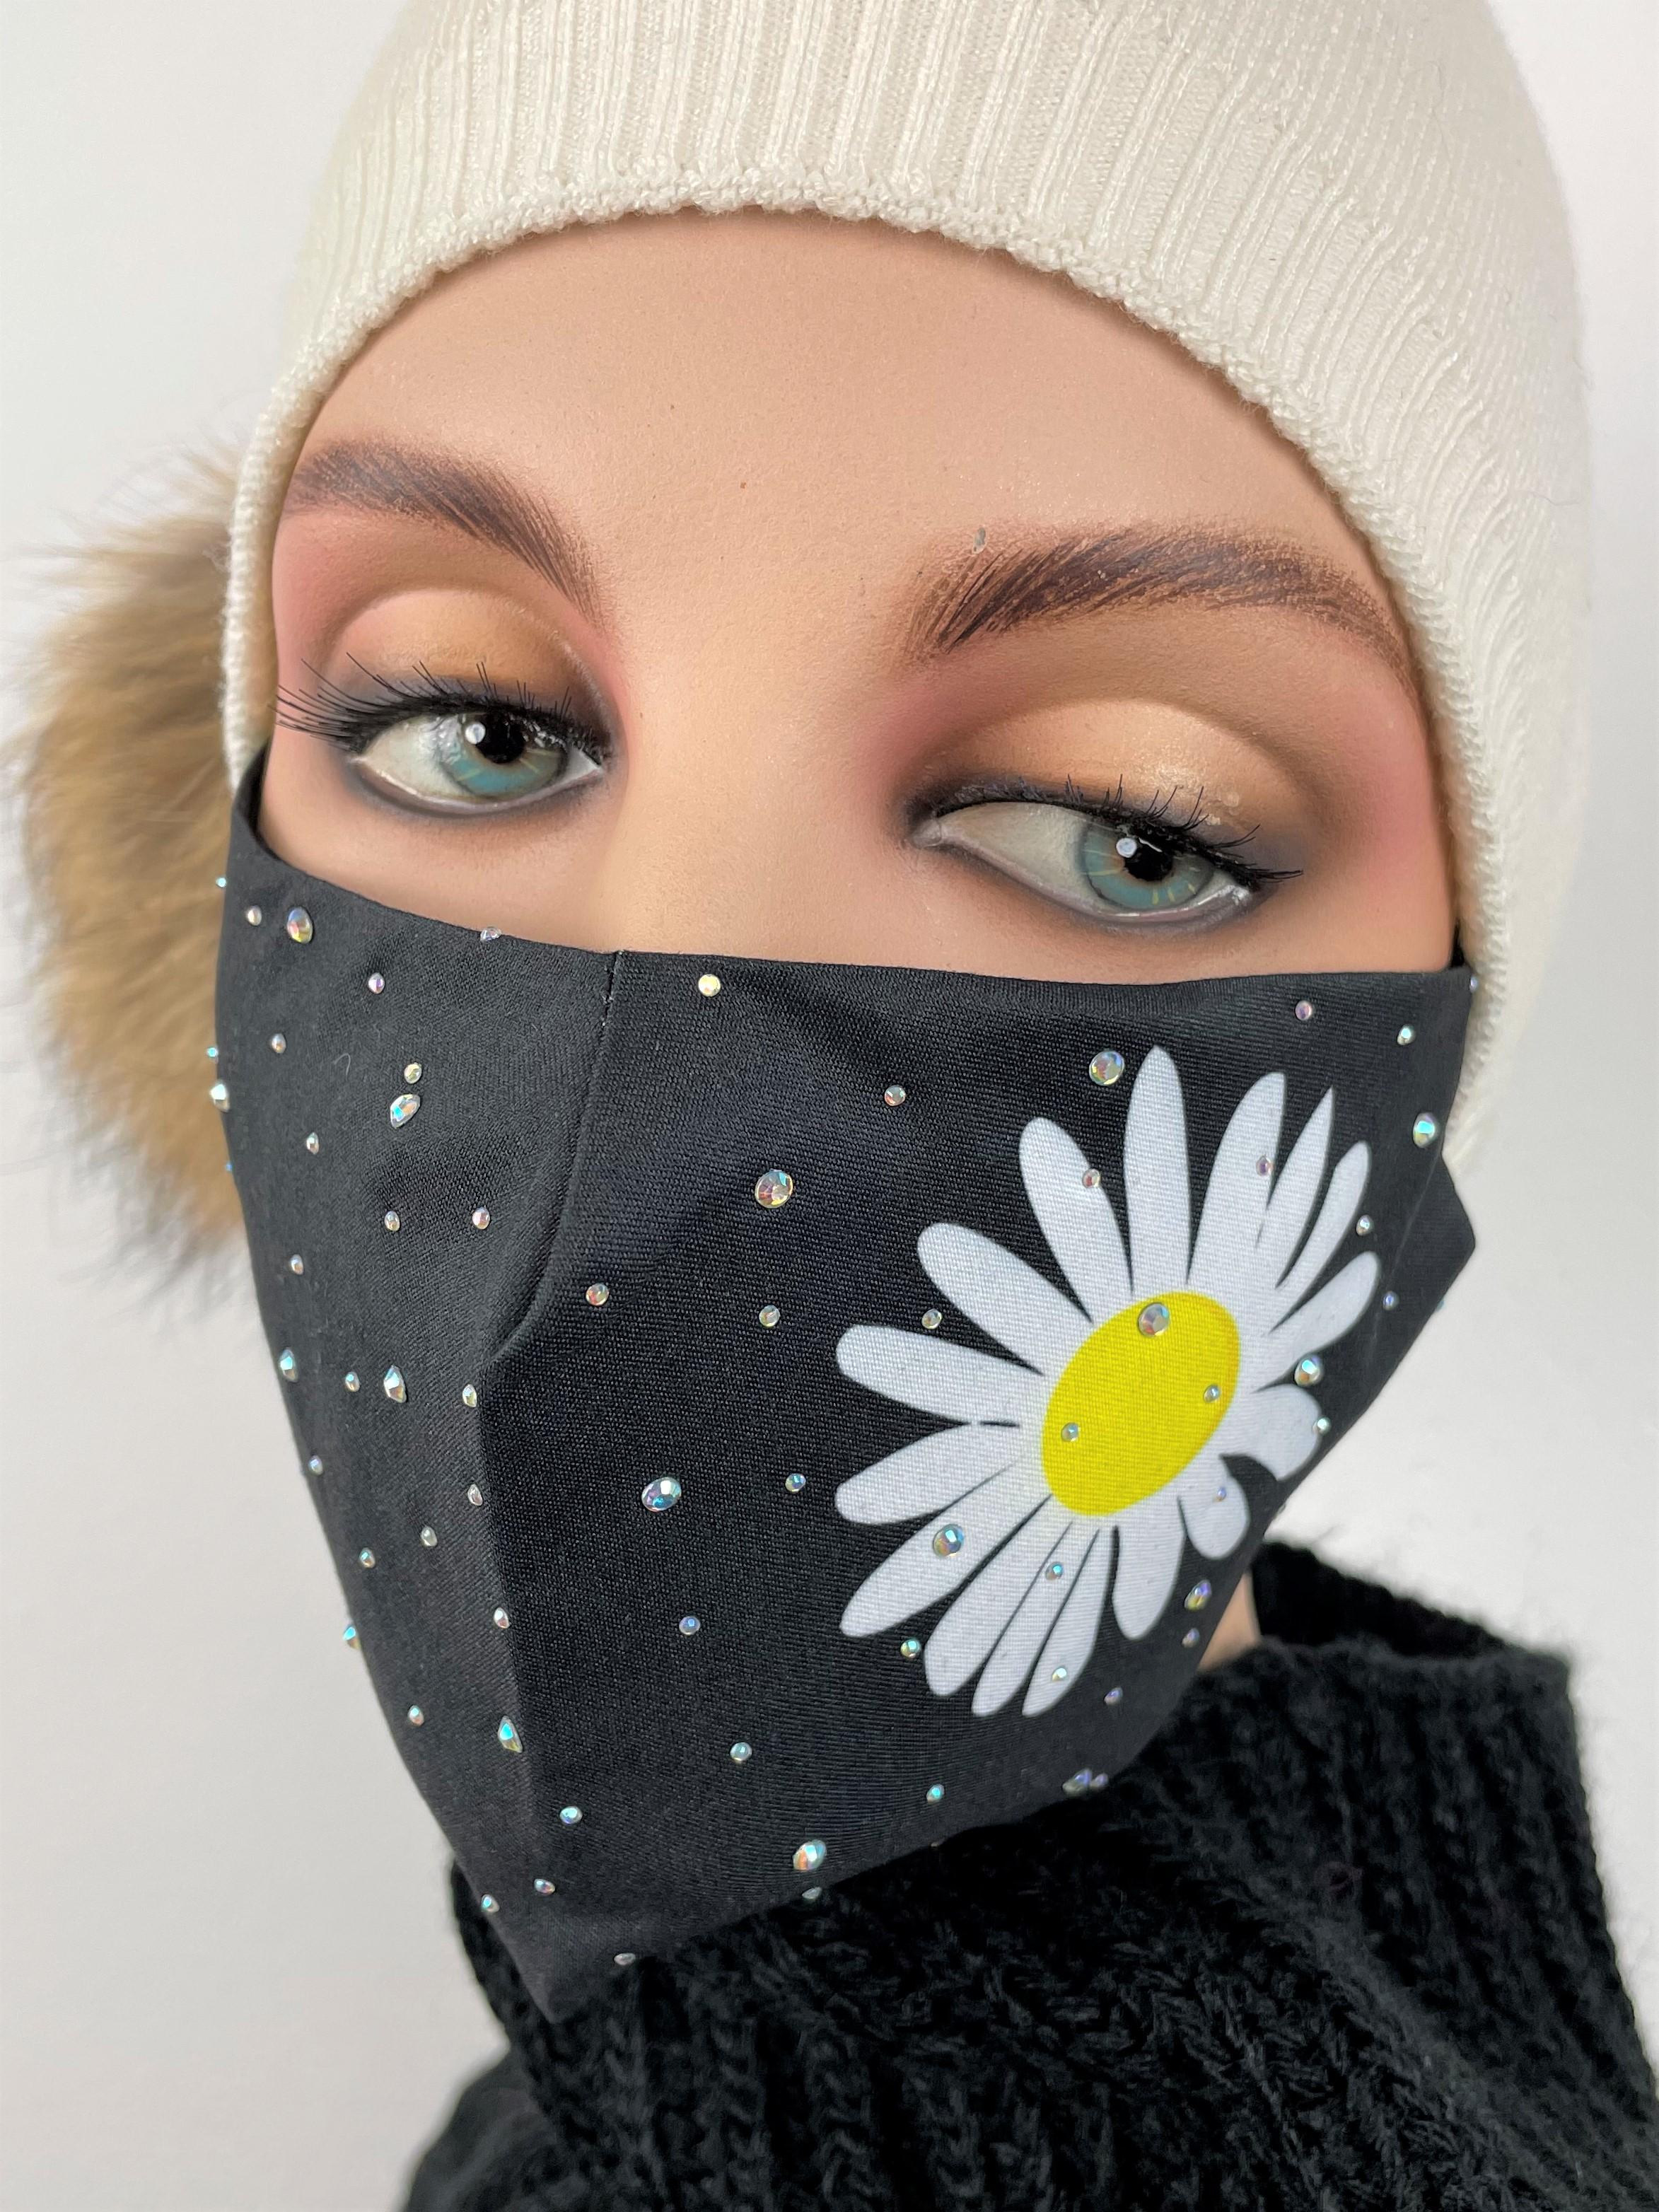 Alltagsmaske Mund-Nasenschutz